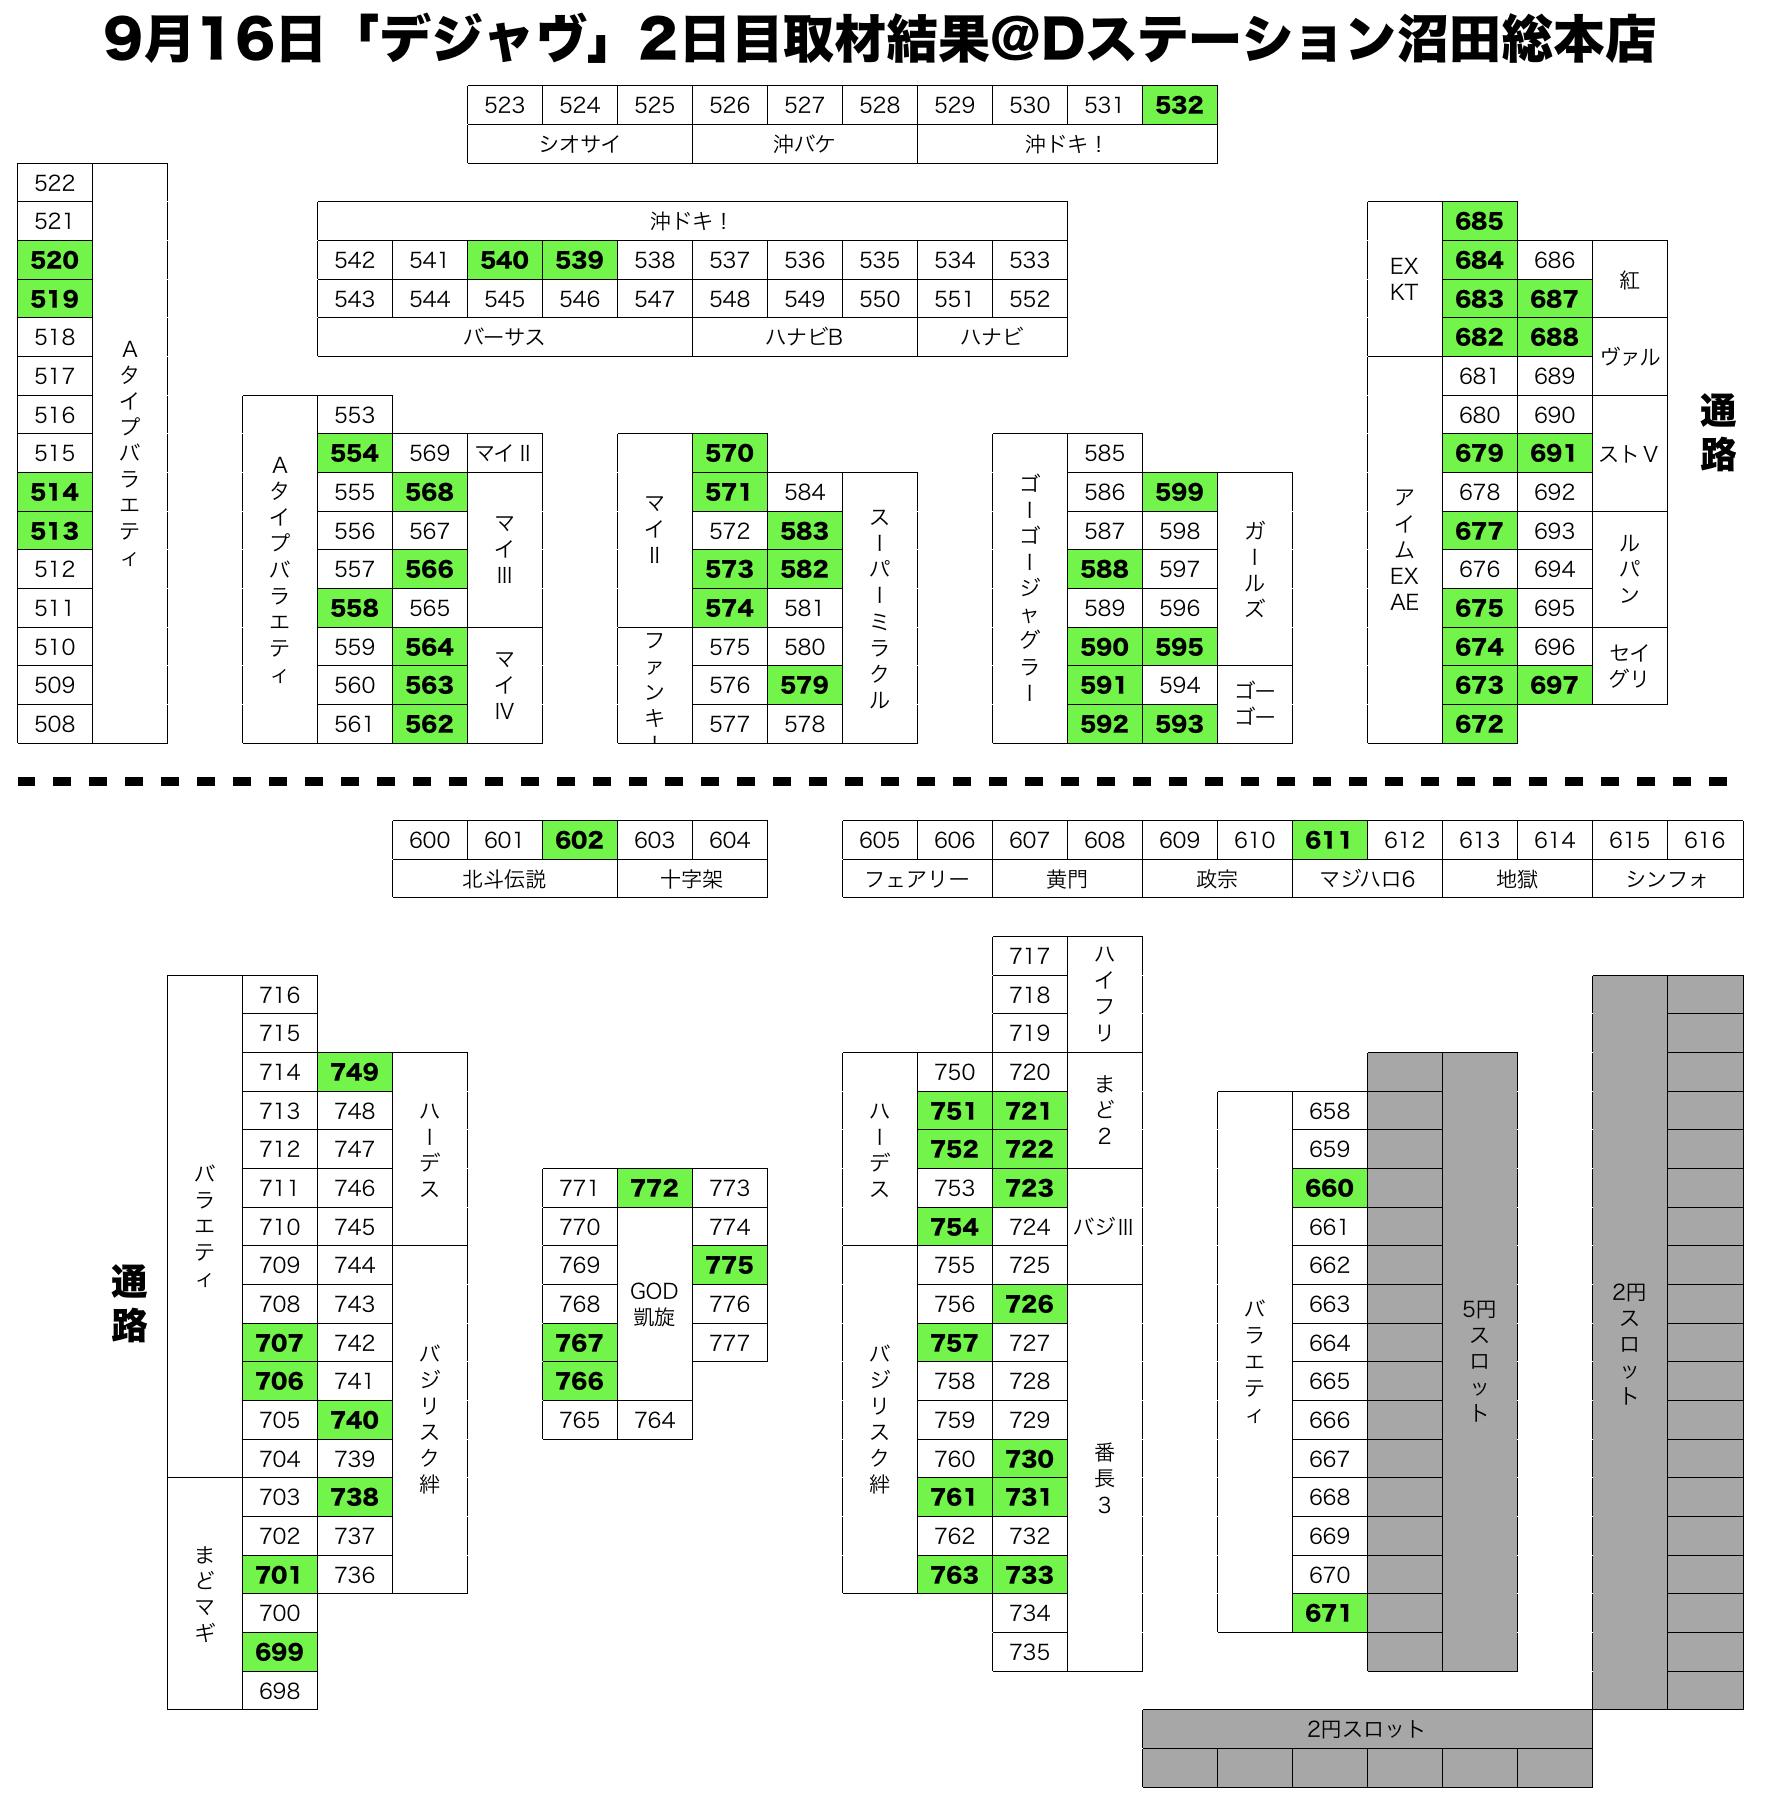 沼田 d ステーション